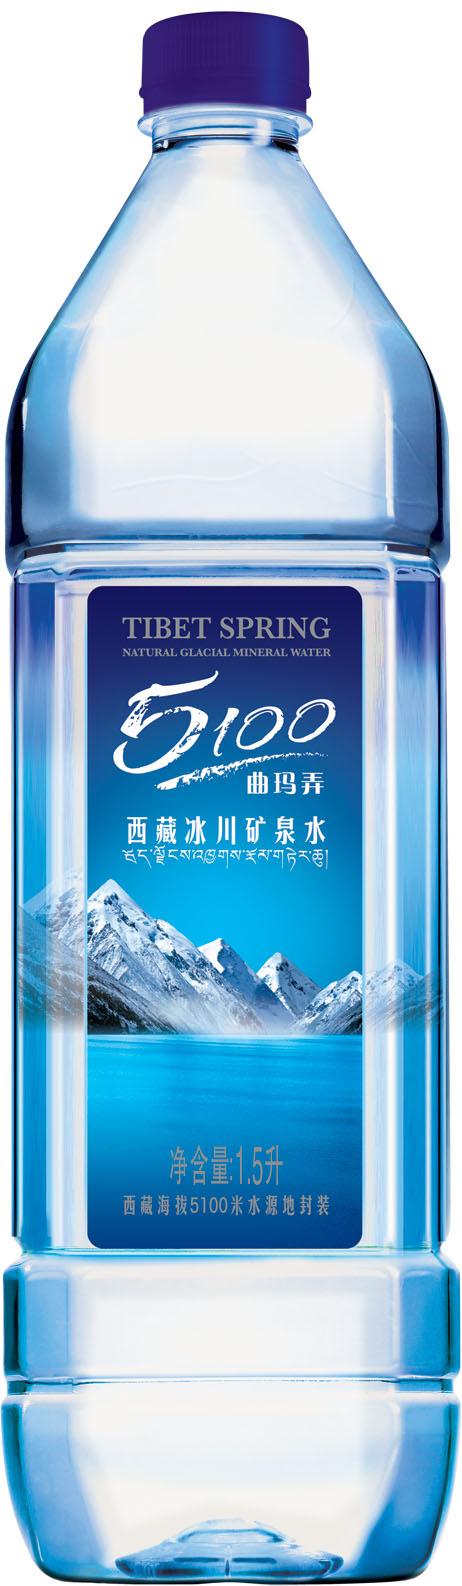 西藏冰川矿泉水 1.5l*6瓶/组